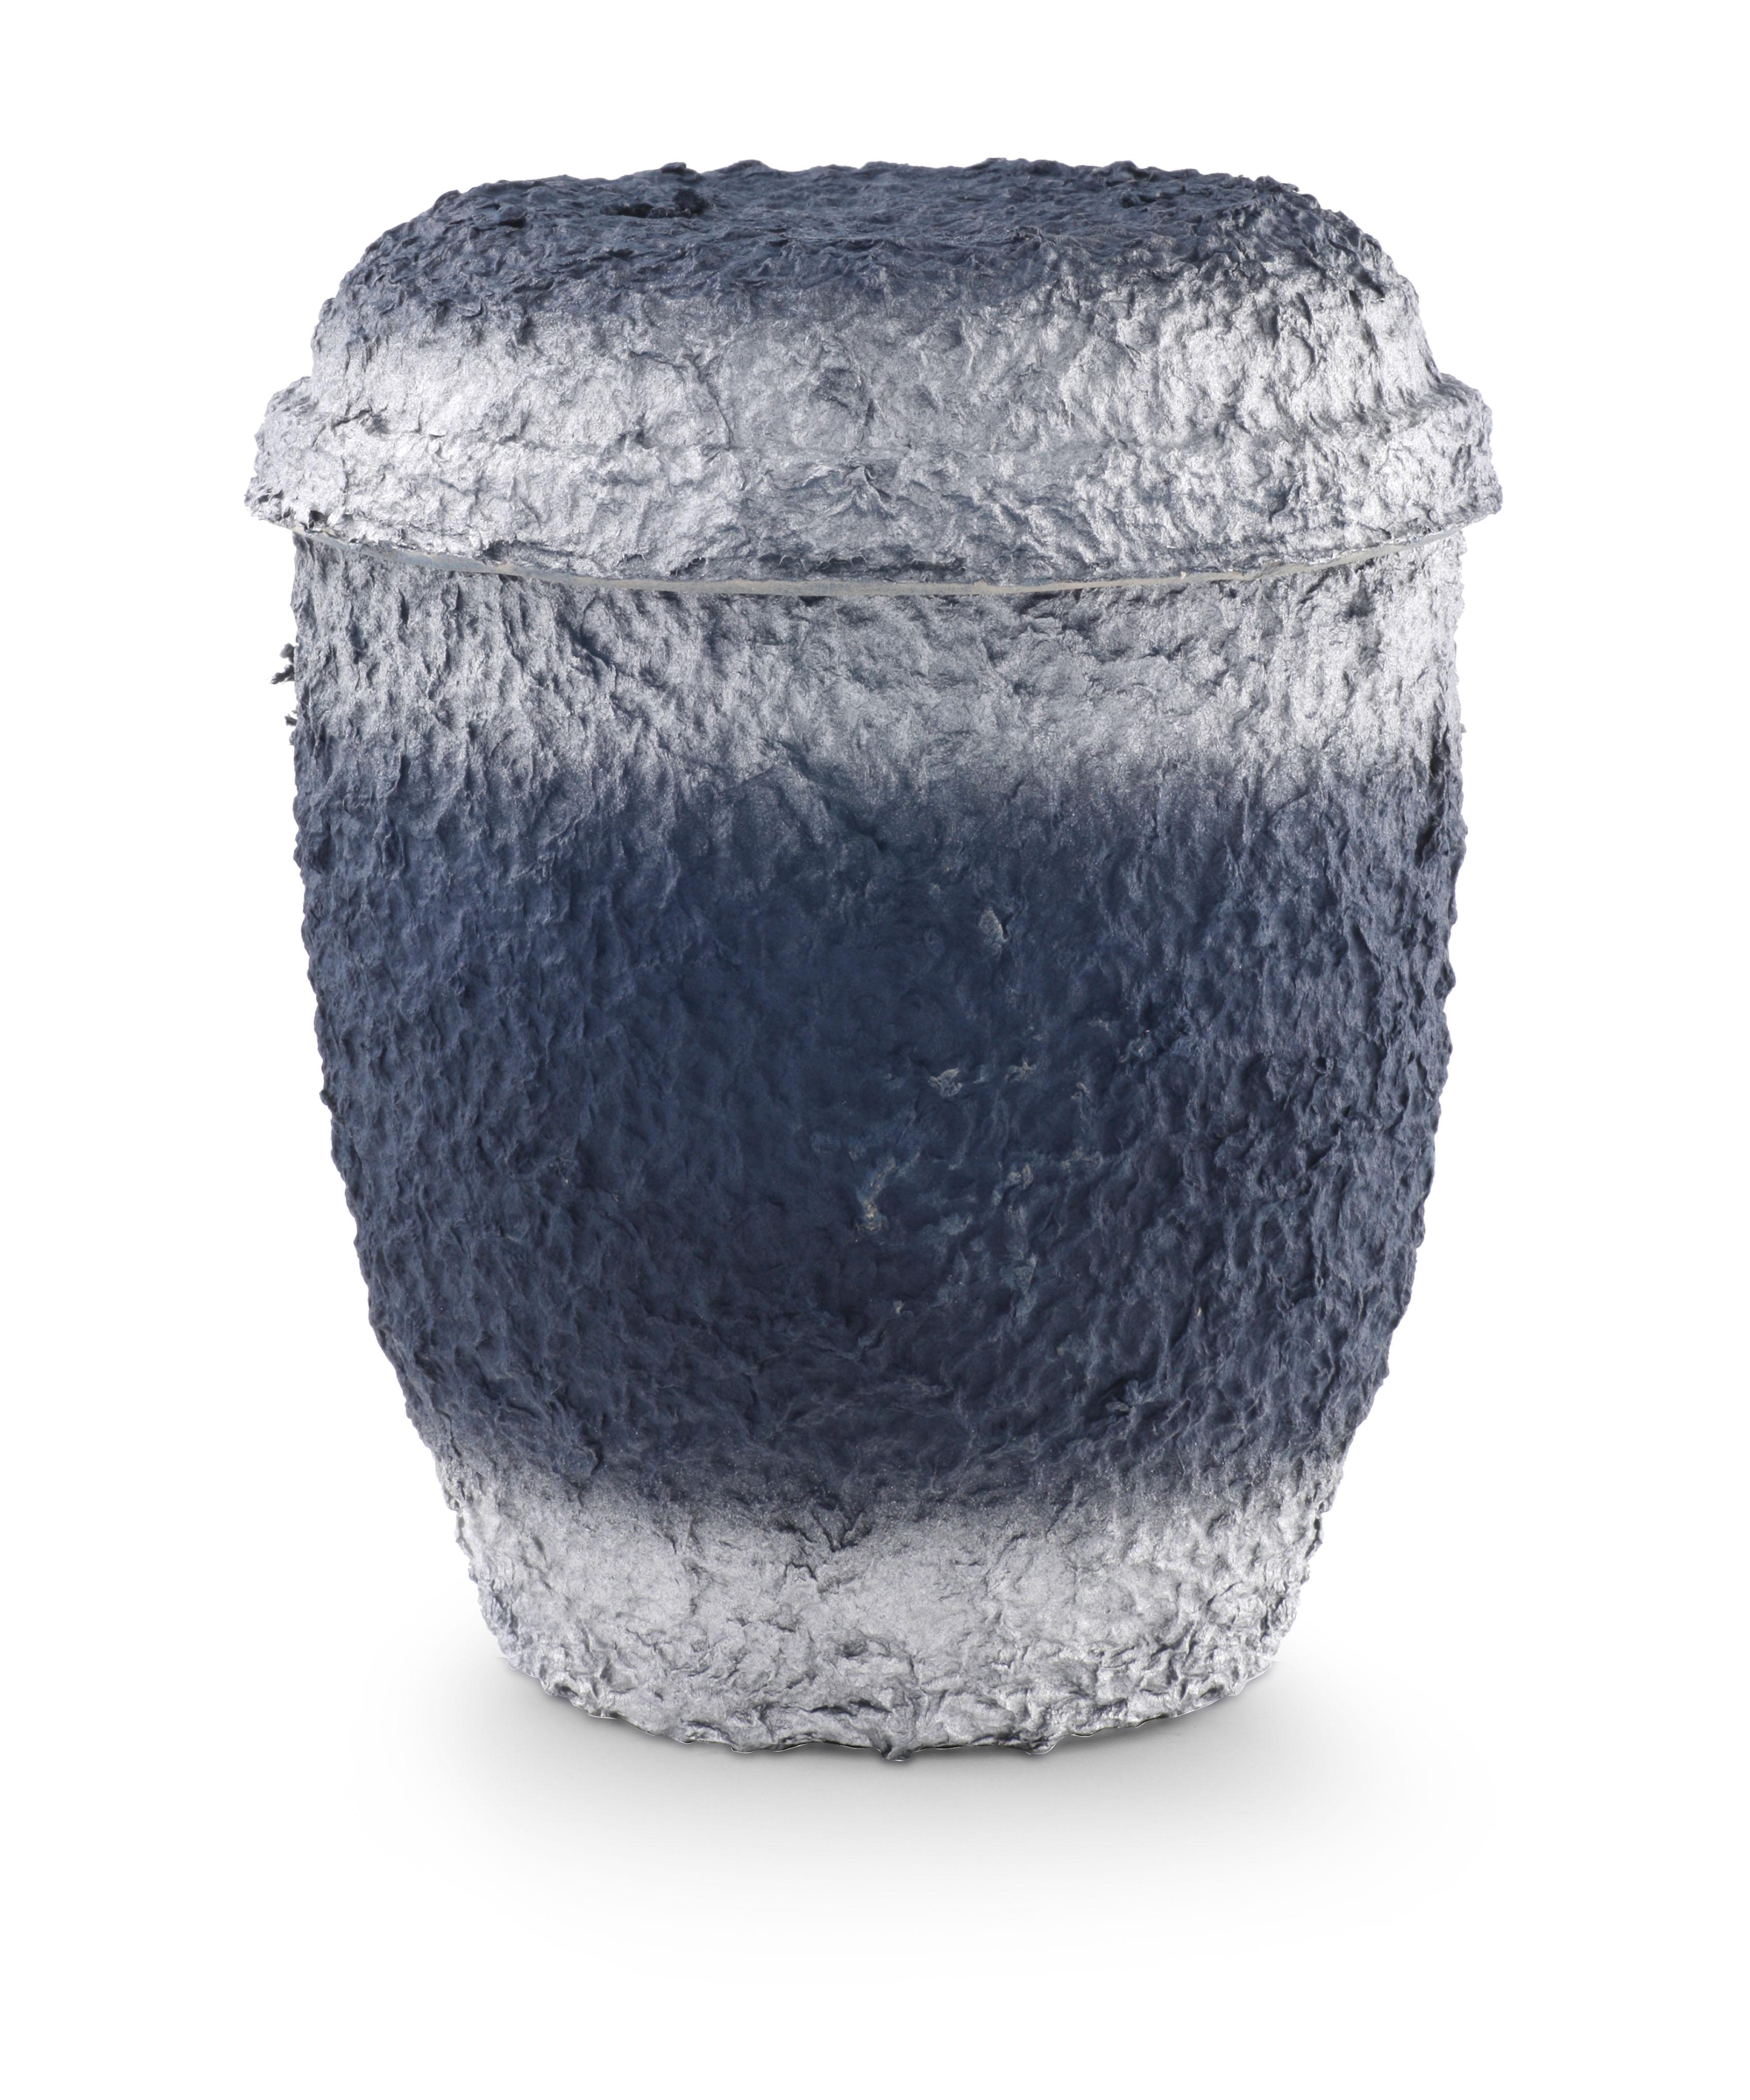 Biologische urn blauw